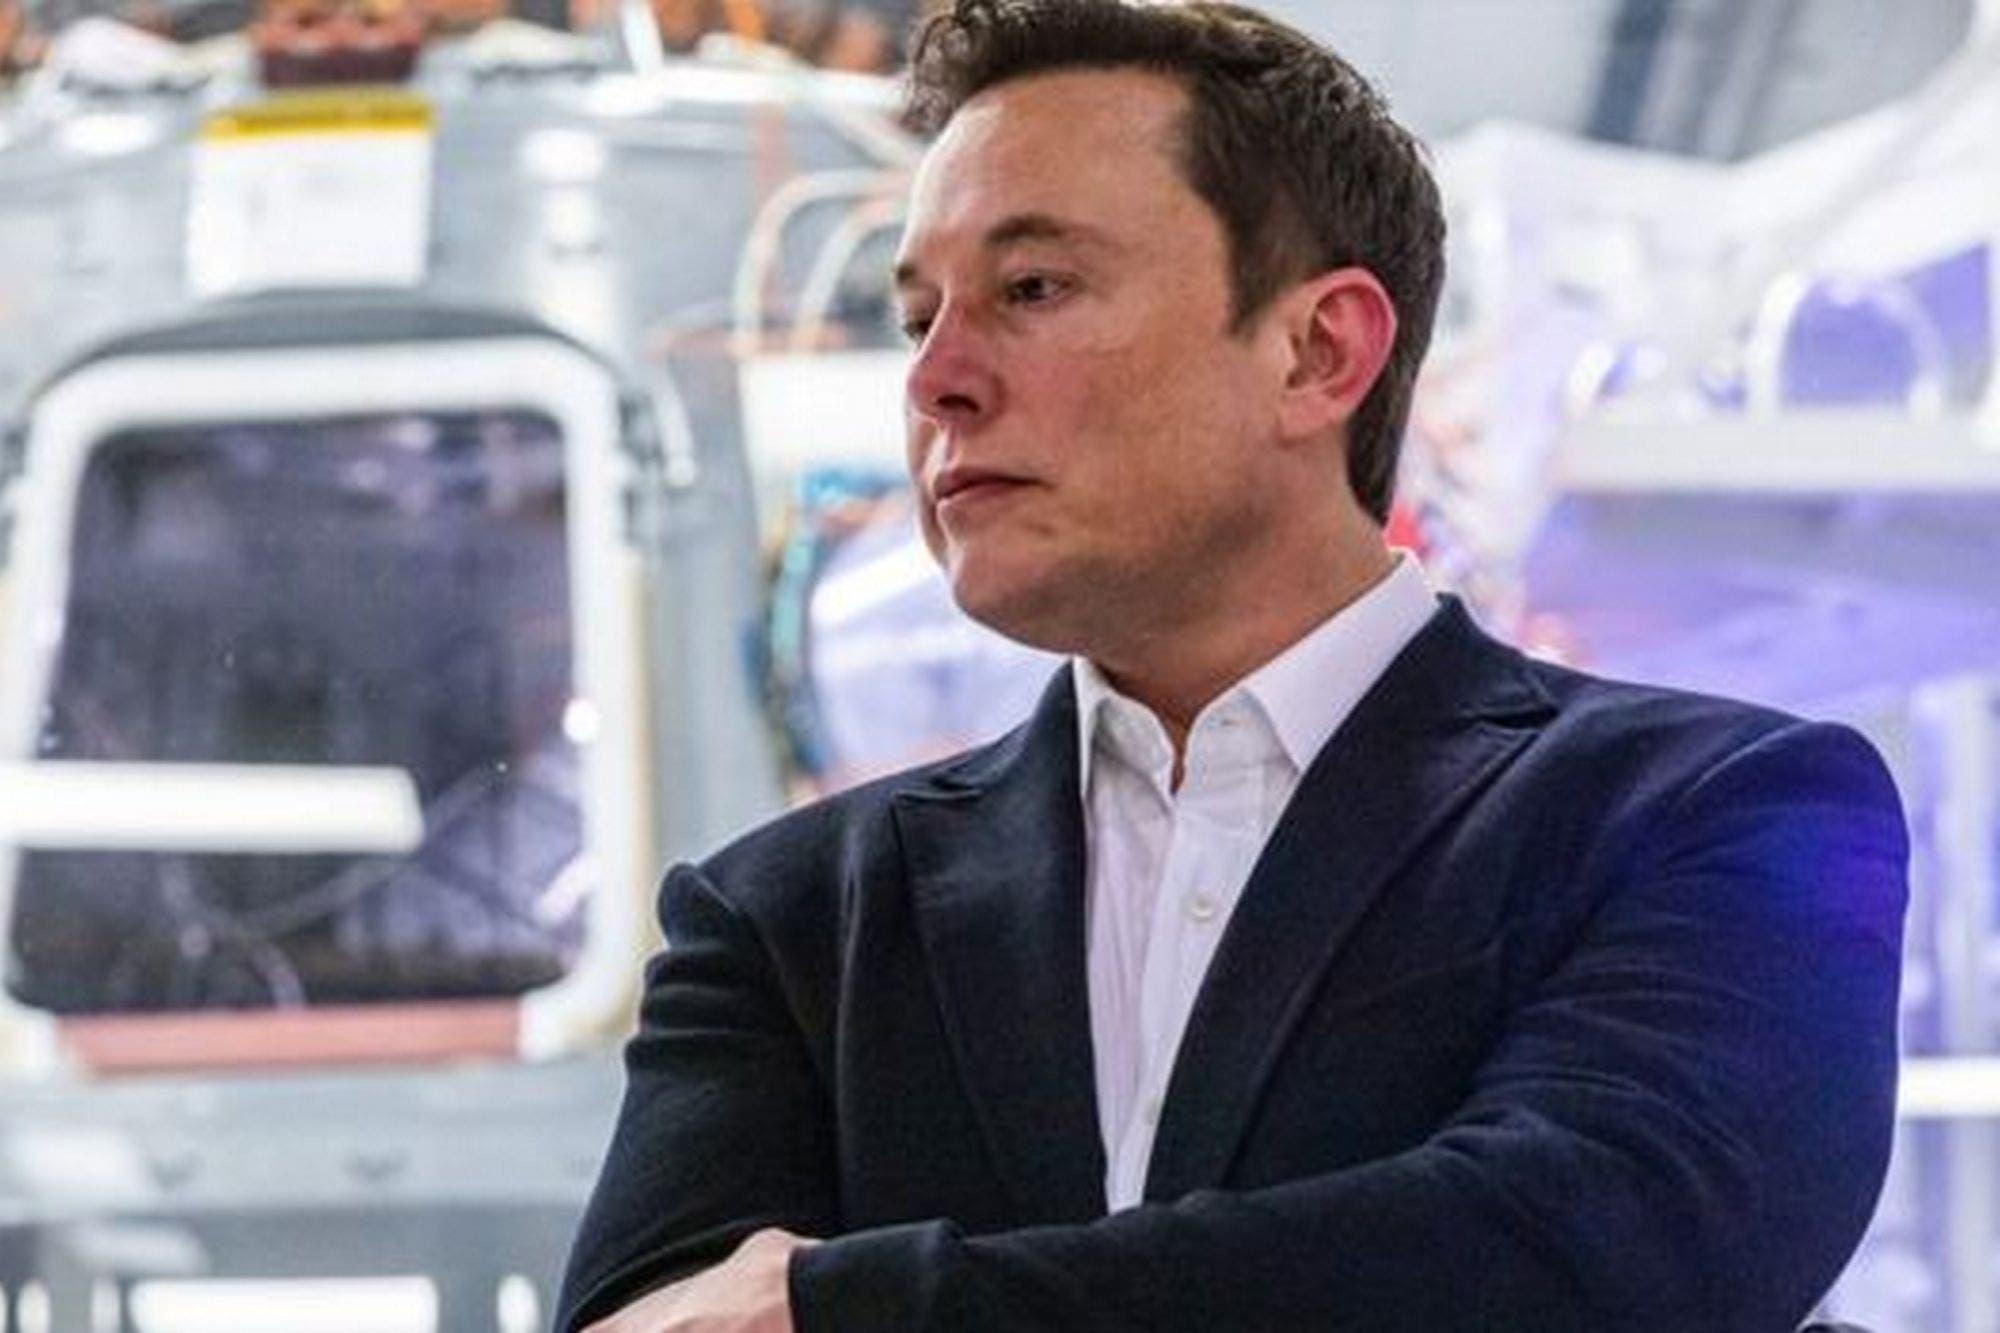 Anuncio: Tesla fabricará sus propias baterías y un nuevo auto eléctrico de US$25.000